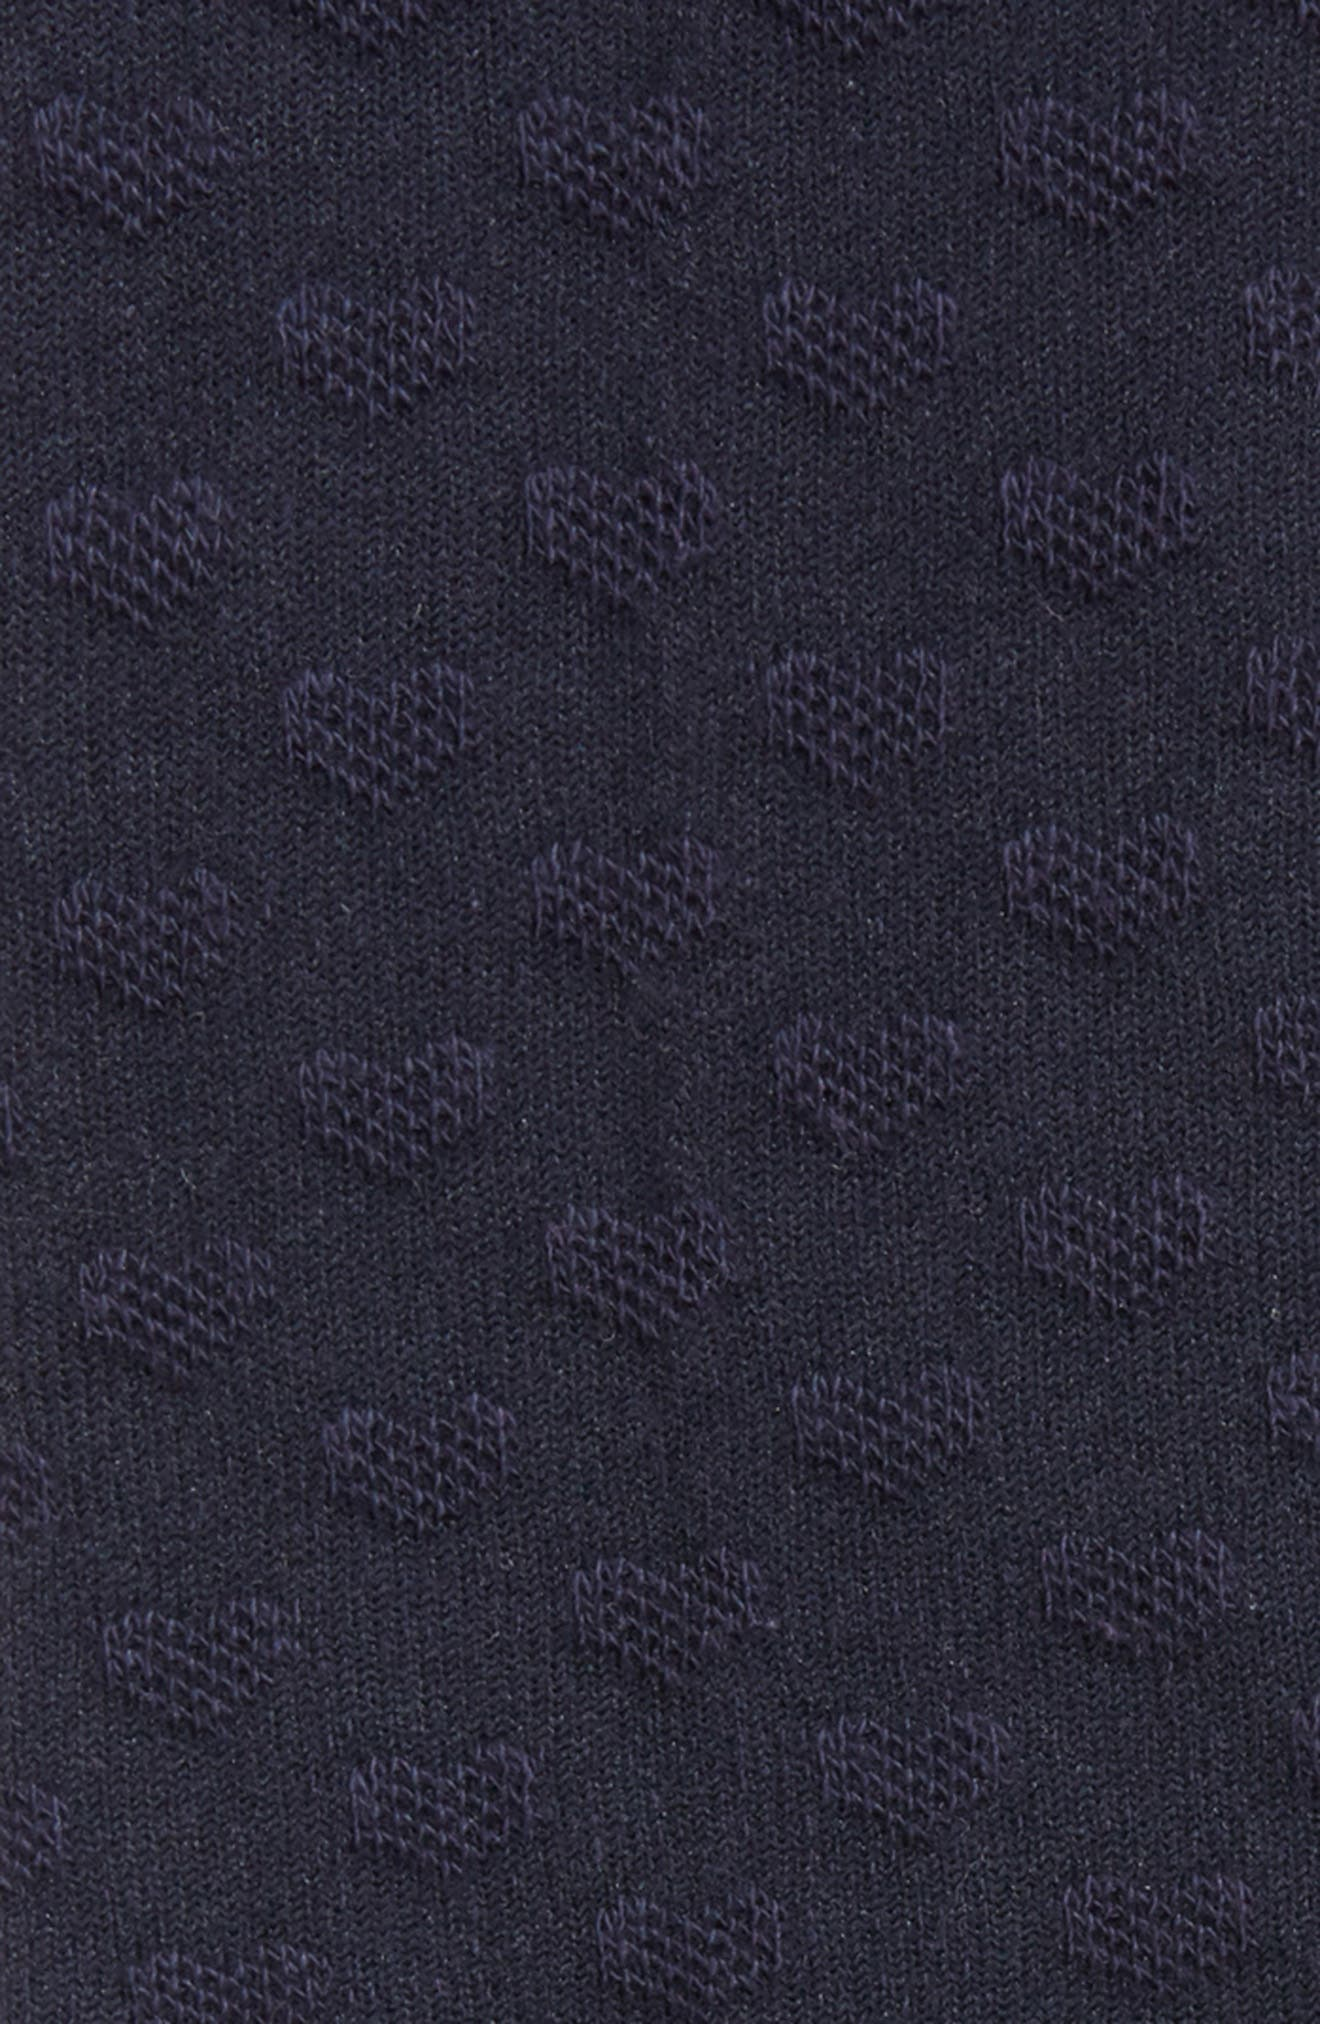 Pointelle Knee High Socks,                             Alternate thumbnail 2, color,                             NAVY W/ IVORY